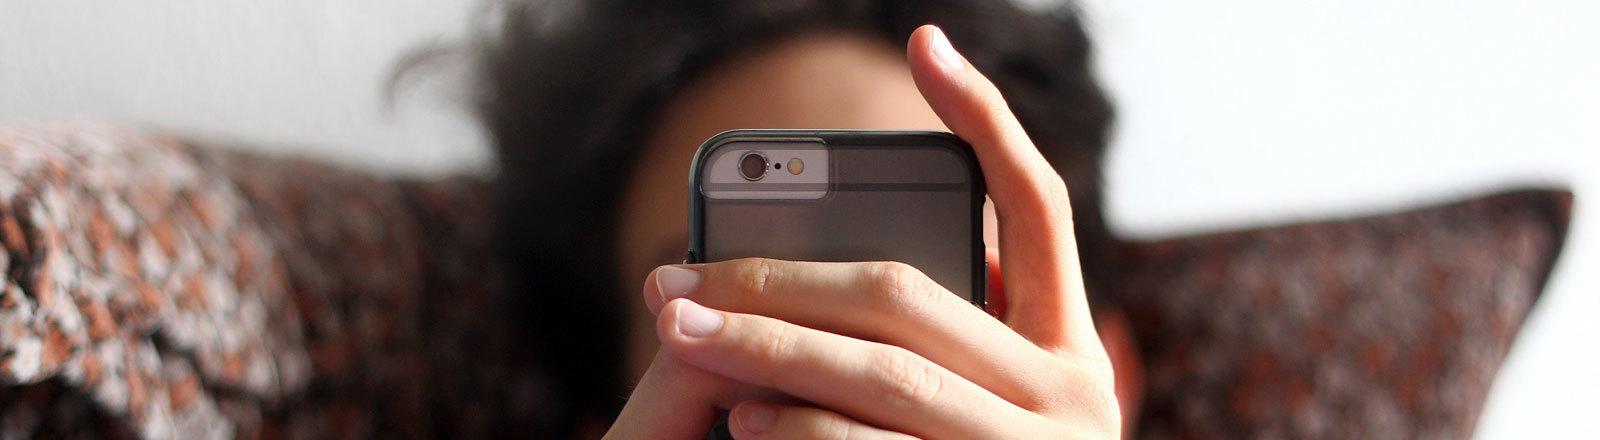 Jugendlicher vor dem Smartphone.